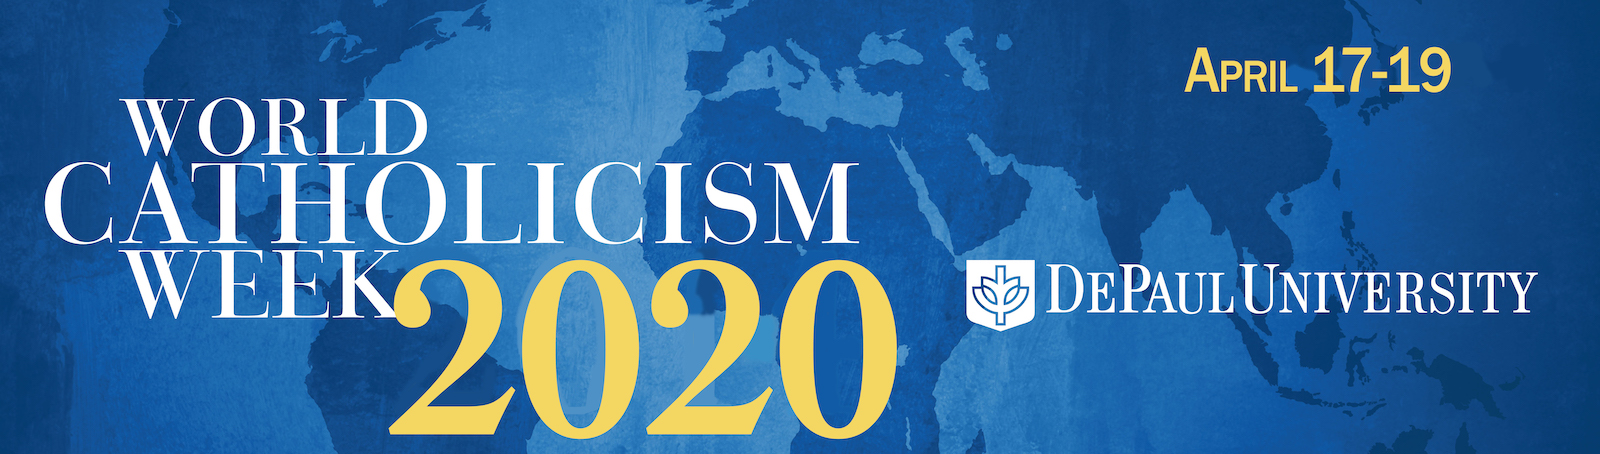 World Catholicism Week 2020